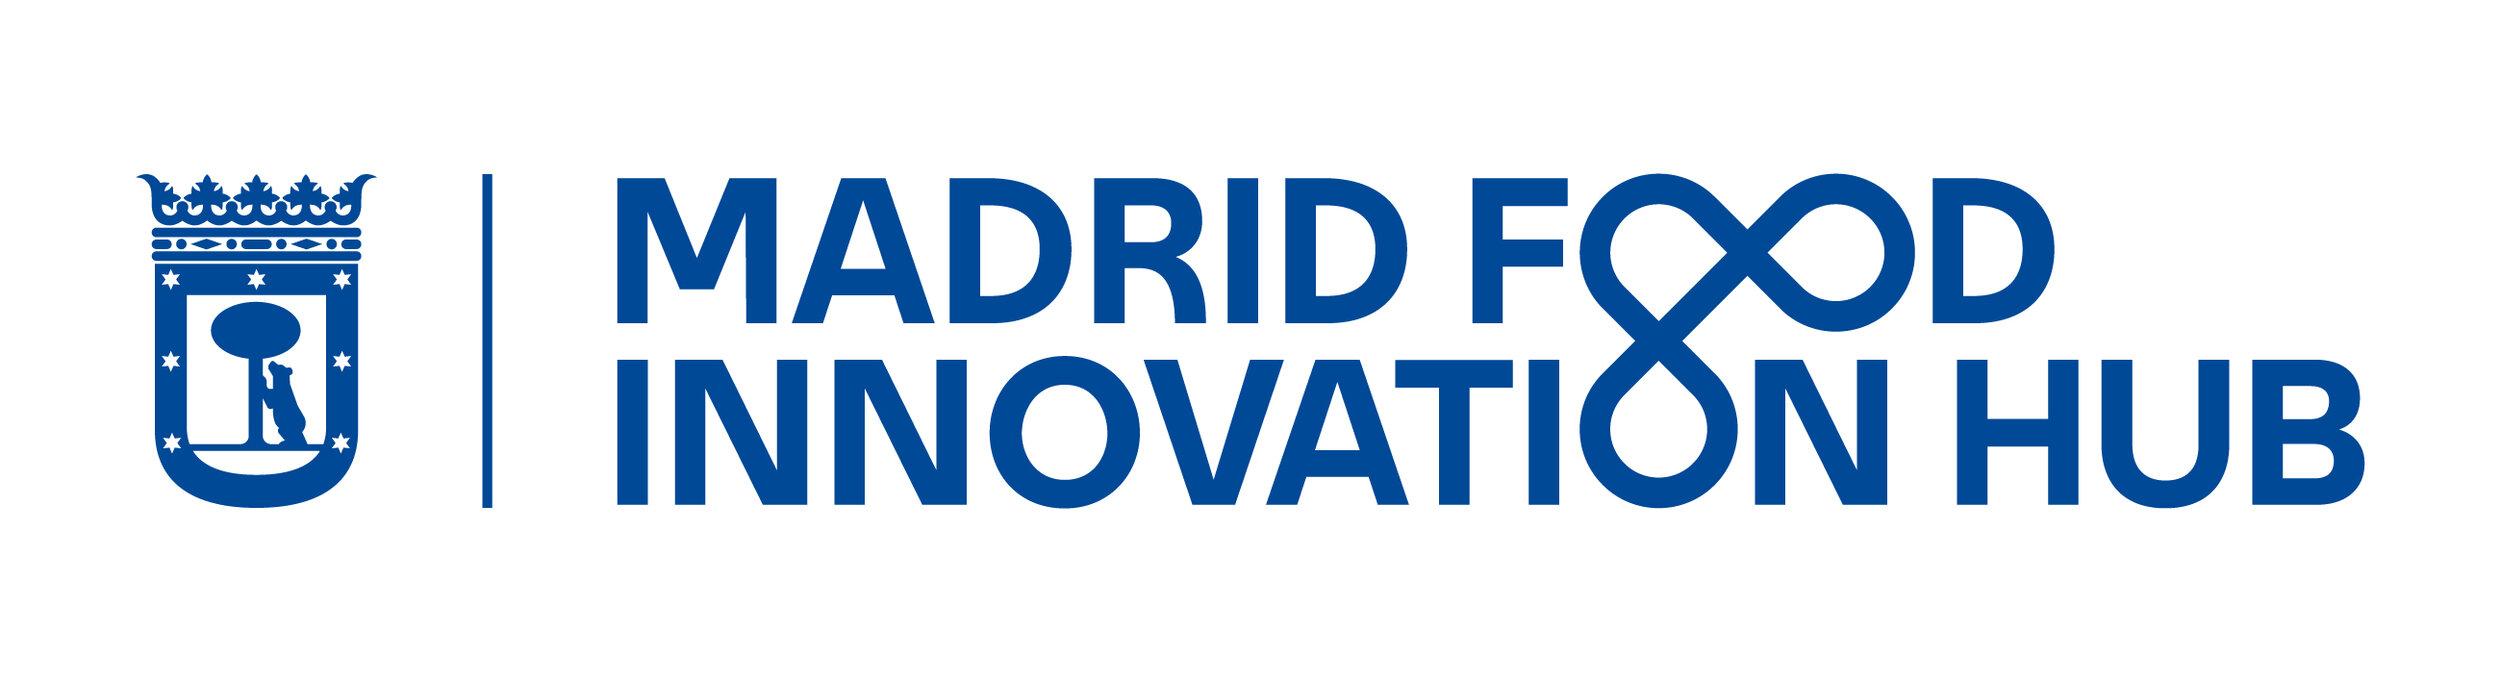 Madrid Food Innovation